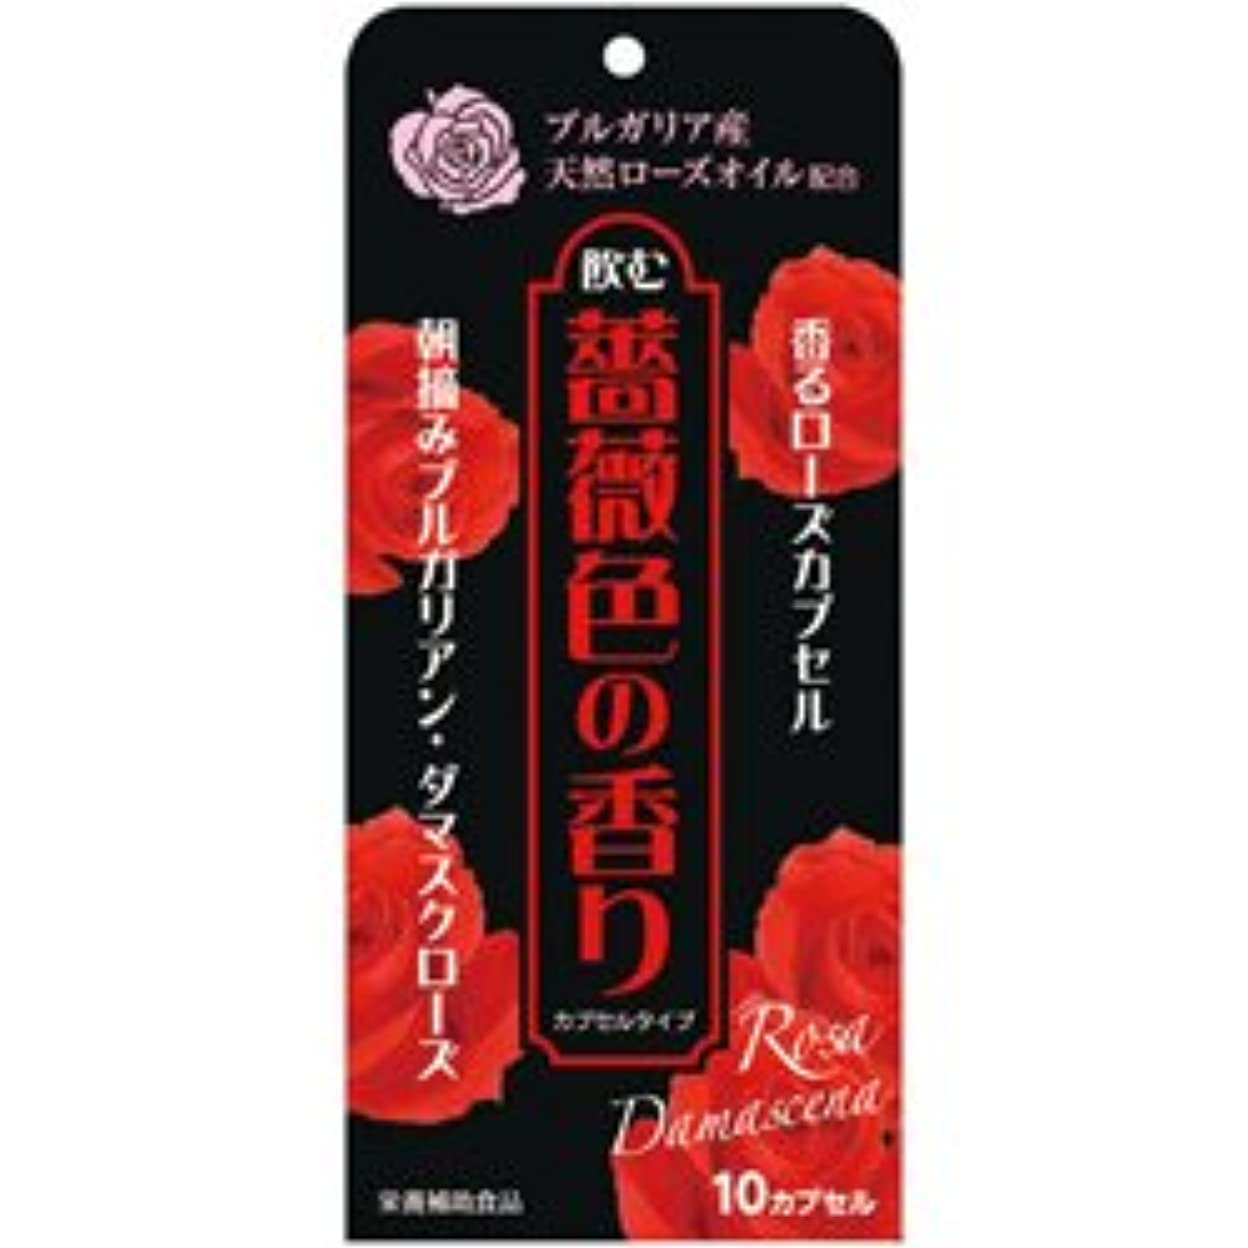 ブロンズ溝高揚した【ウェルネスジャパン】飲む薔薇色の香り 10カプセル ×20個セット